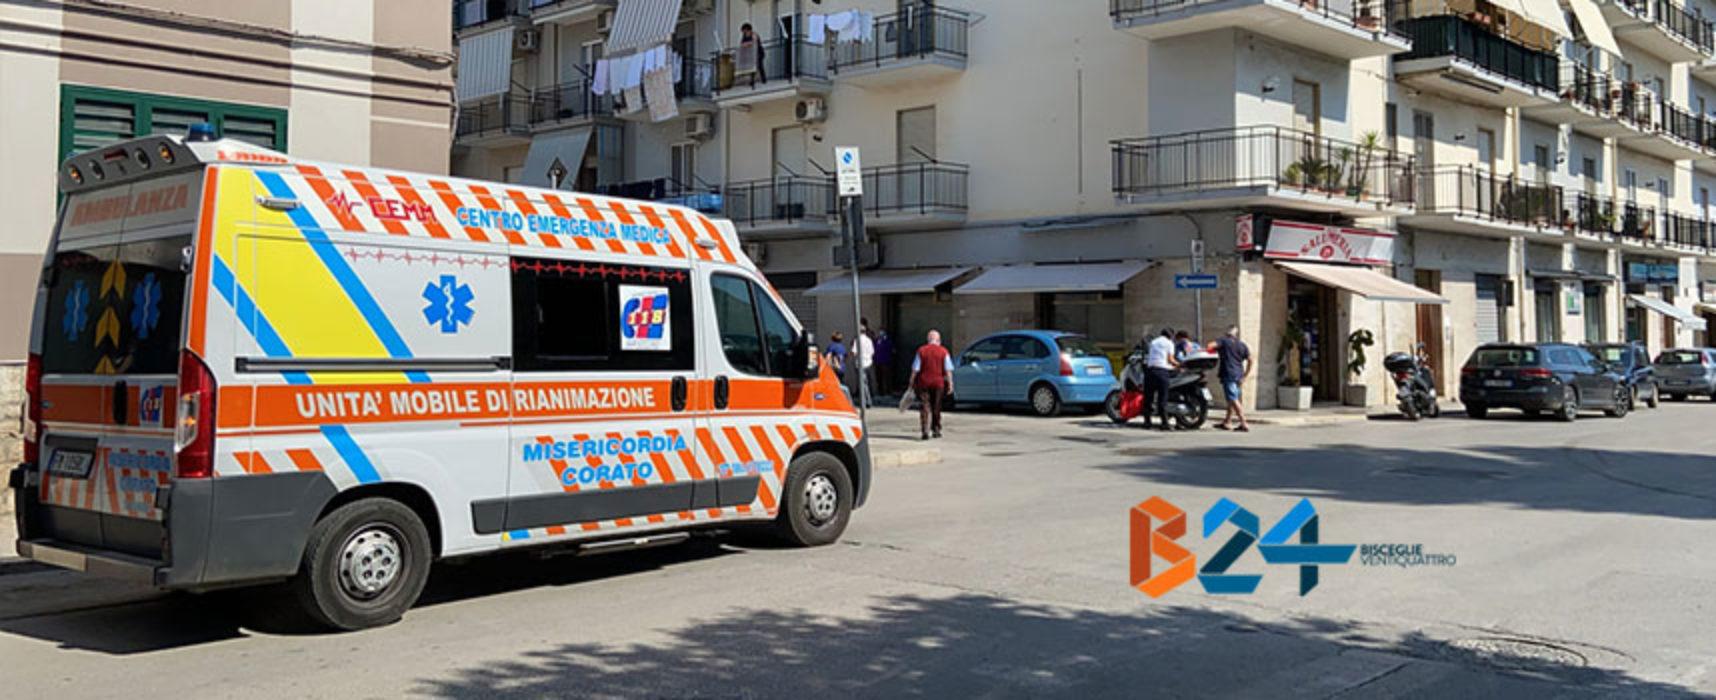 Incidente su via Seminario, ferito uomo a bordo di uno scooter